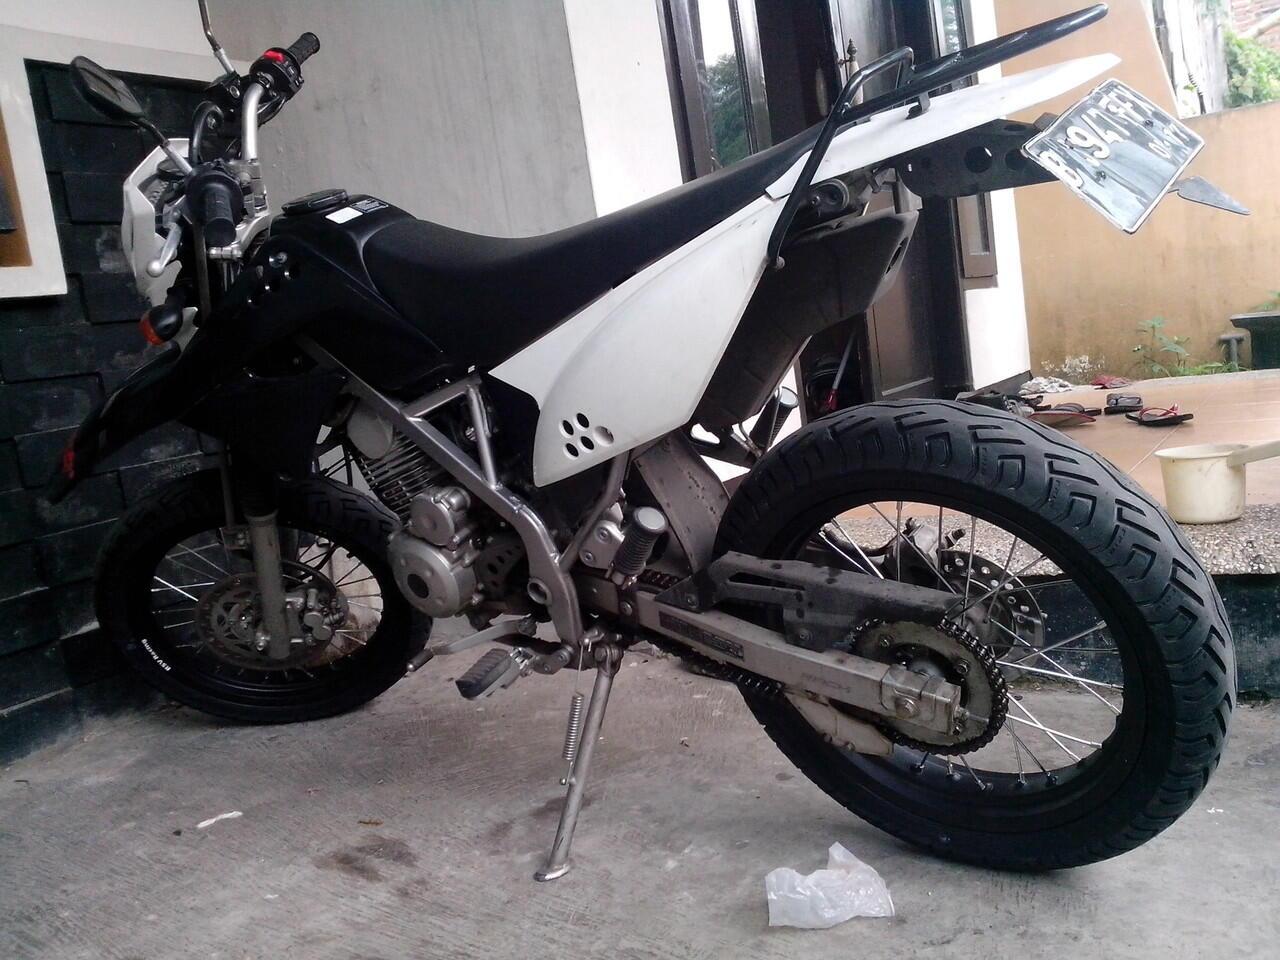 Harga Klx Malang - Harga C